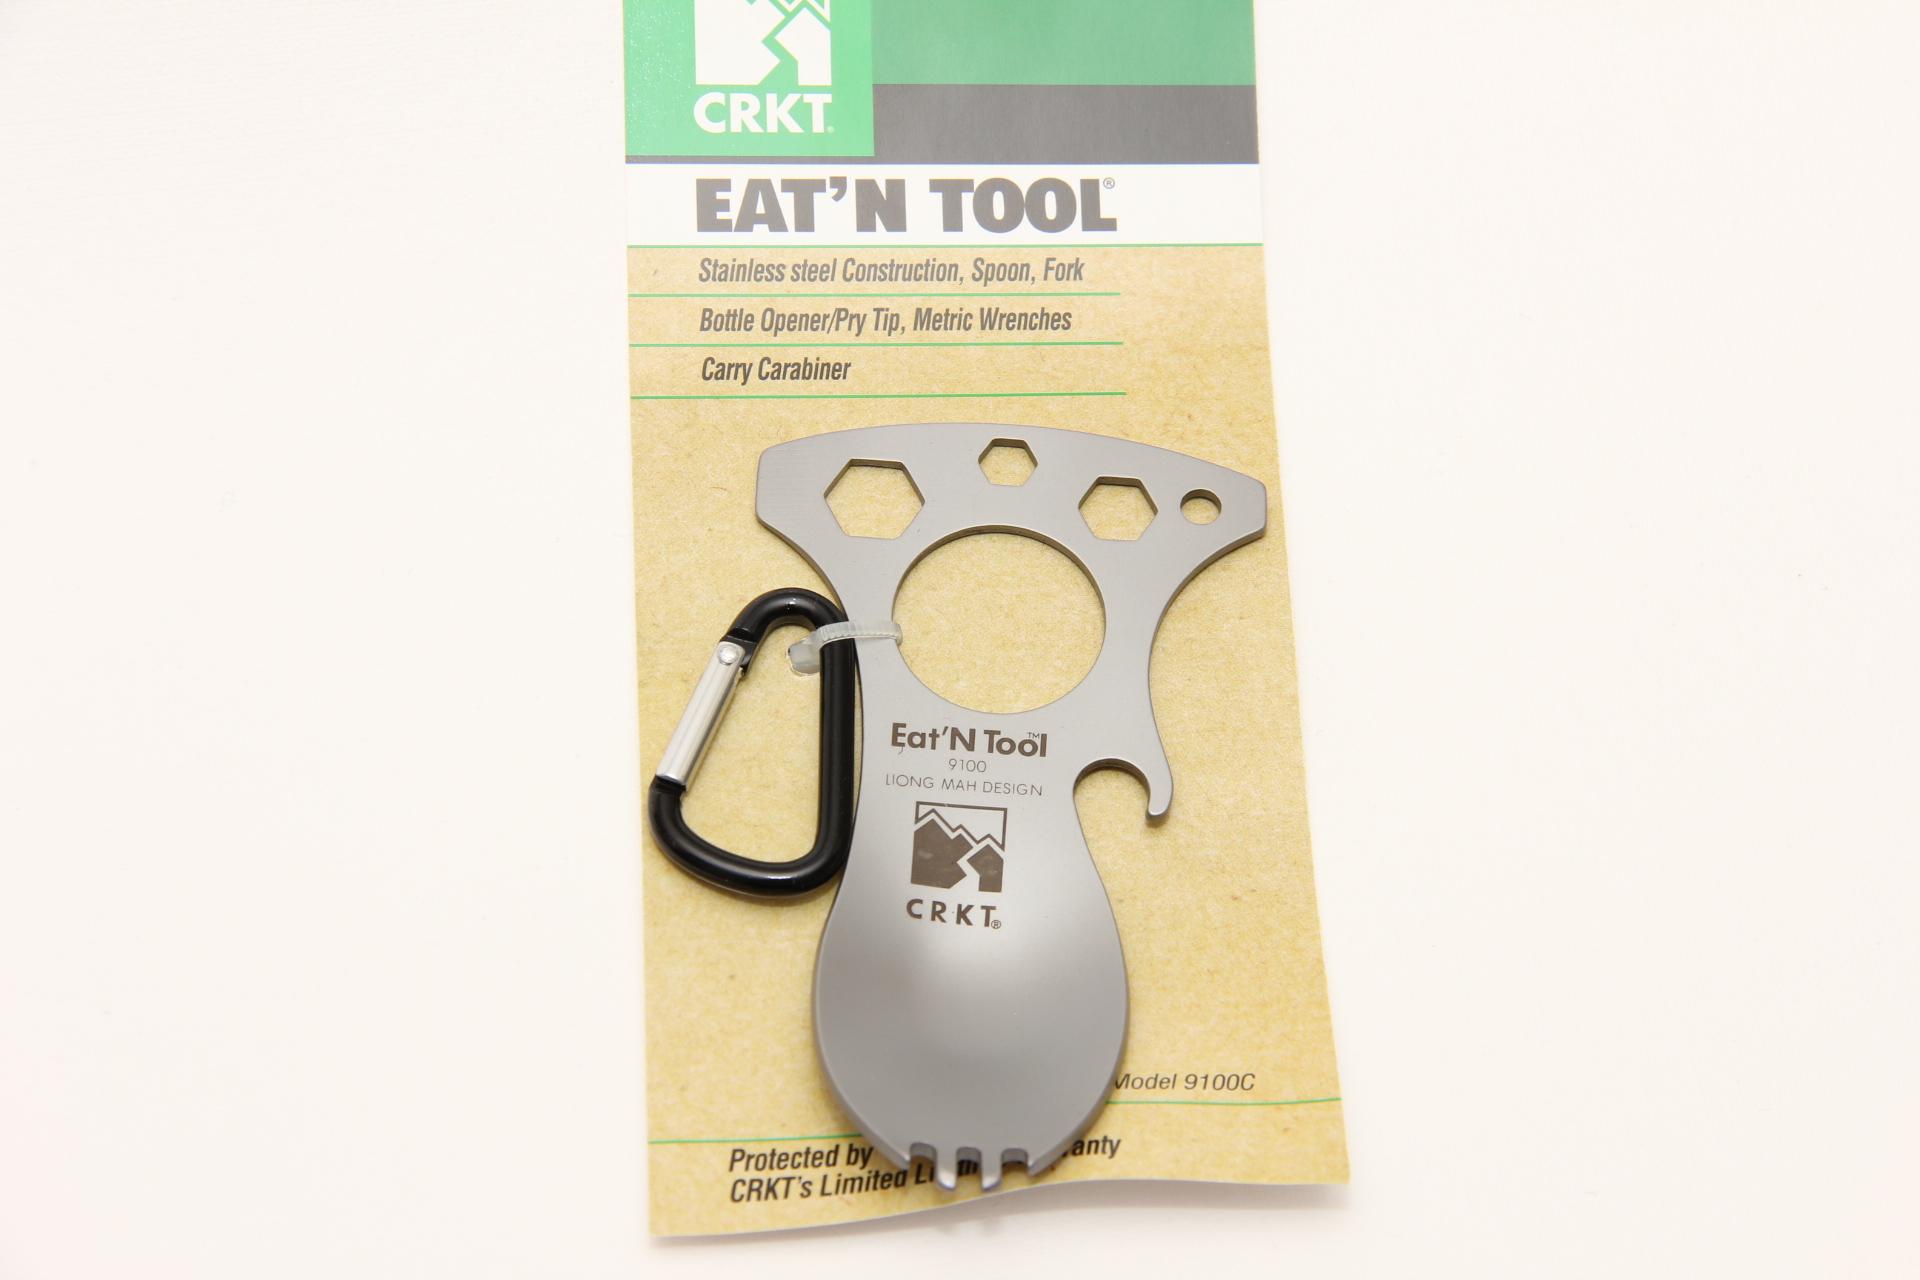 CRKT вилка-ложка-инструмент